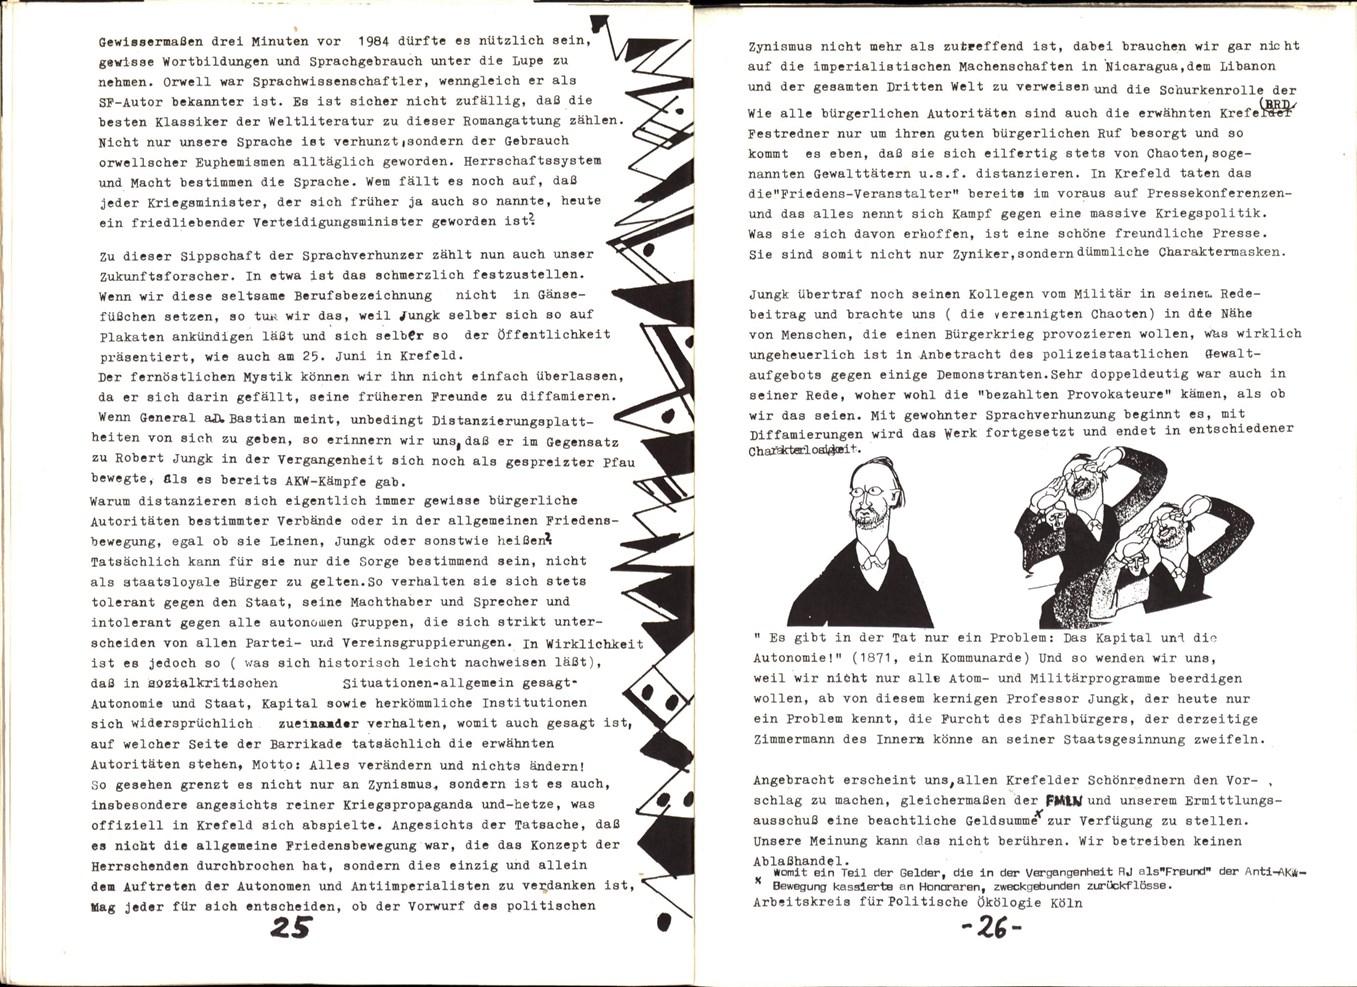 NRW_AKW_LKNRW_19830821_44_14